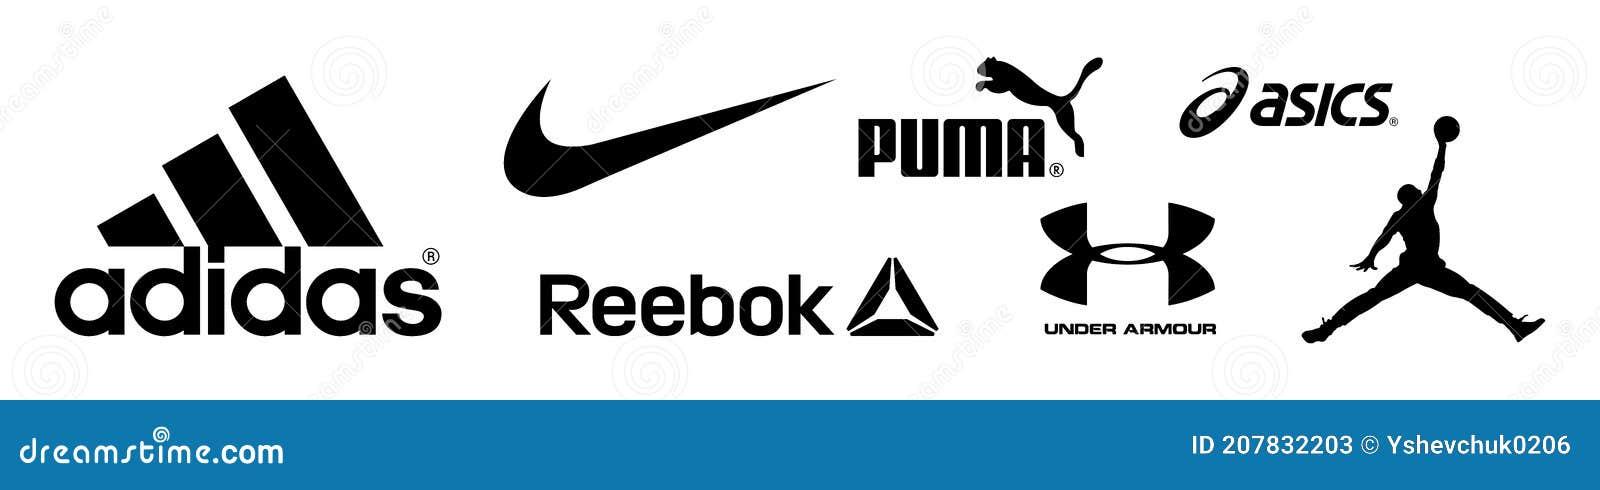 prototipo forma escritorio  Reebok Logo Stock Illustrations – 29 Reebok Logo Stock Illustrations,  Vectors & Clipart - Dreamstime